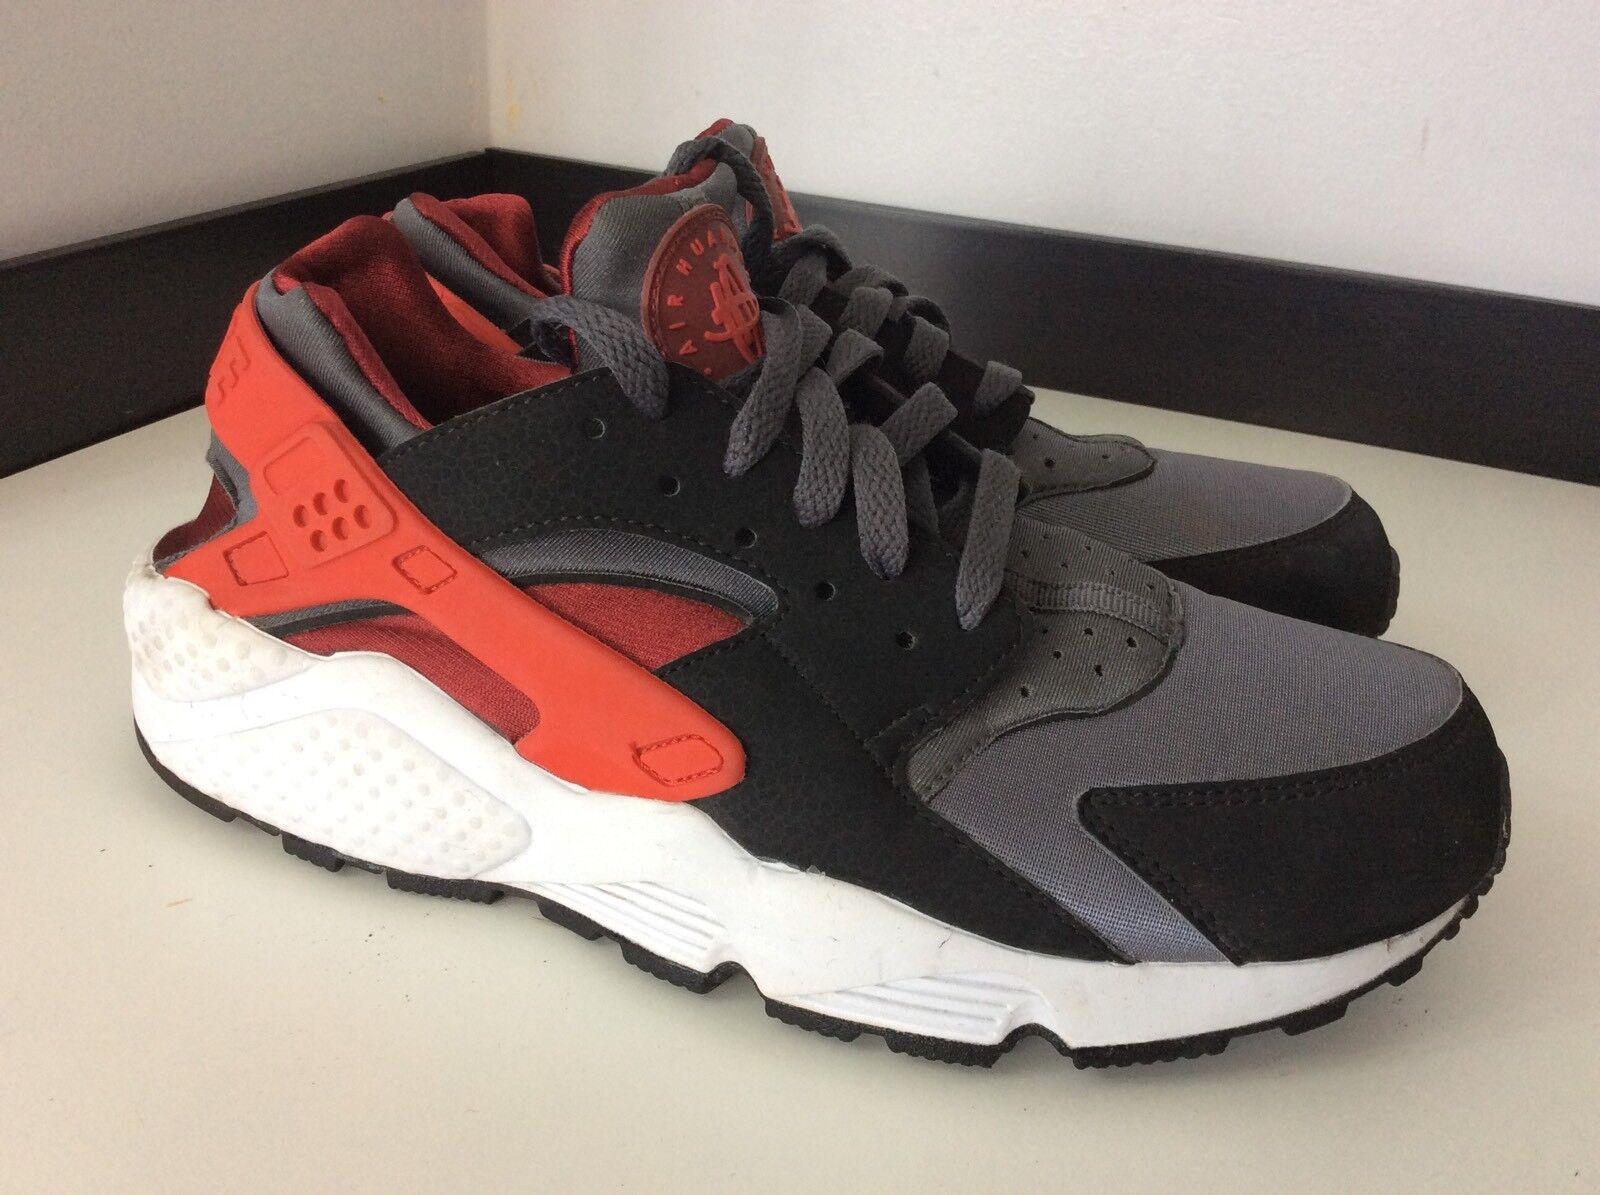 Nike Huarache Para hombre tenis, Reino Unido 7 Eu41, buena Zapatillas de deporte, en muy buena Eu41, condición 5b7f17